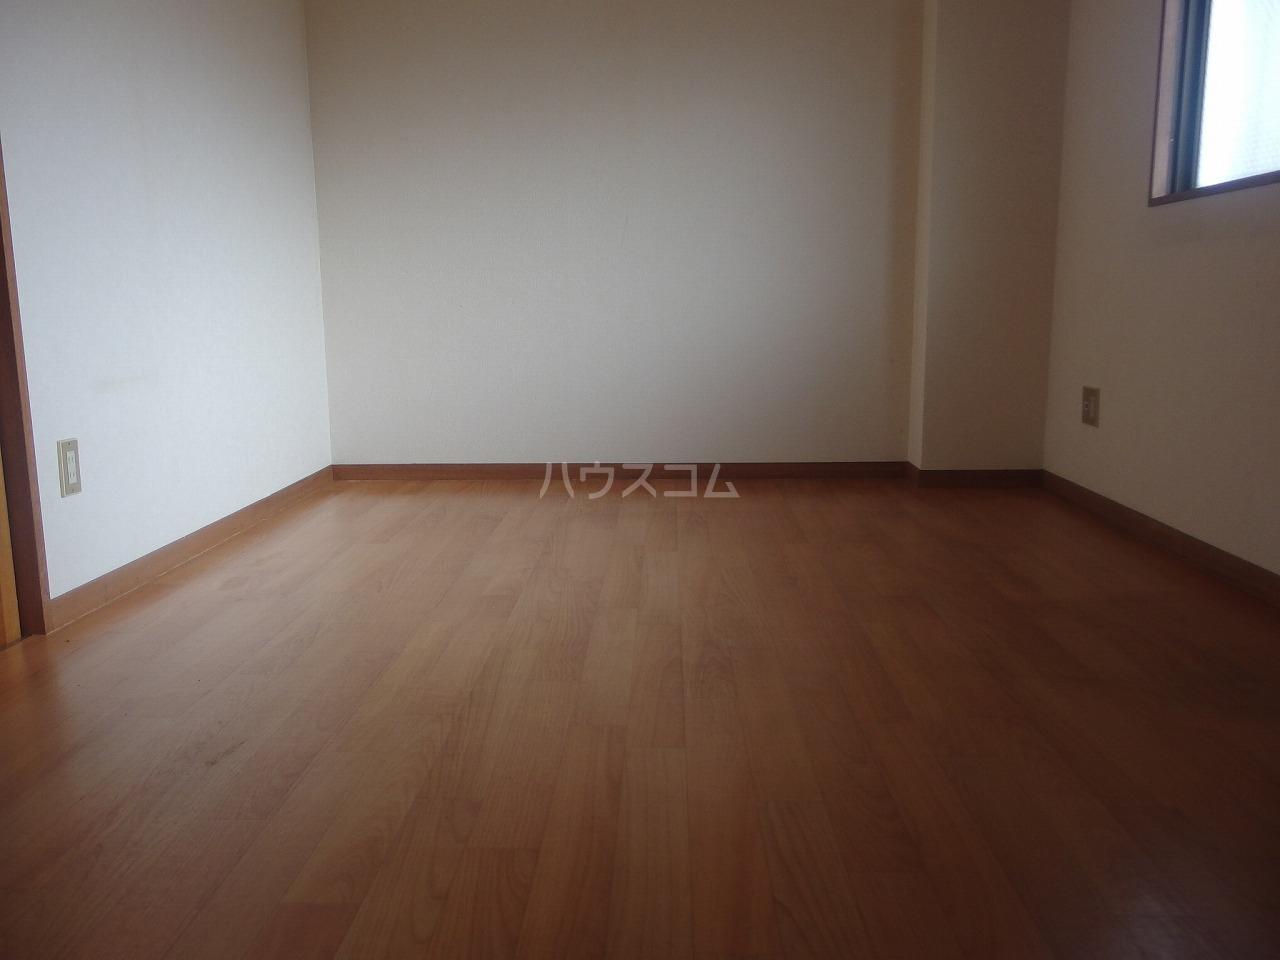 コーポヒジカタ 102号室の居室